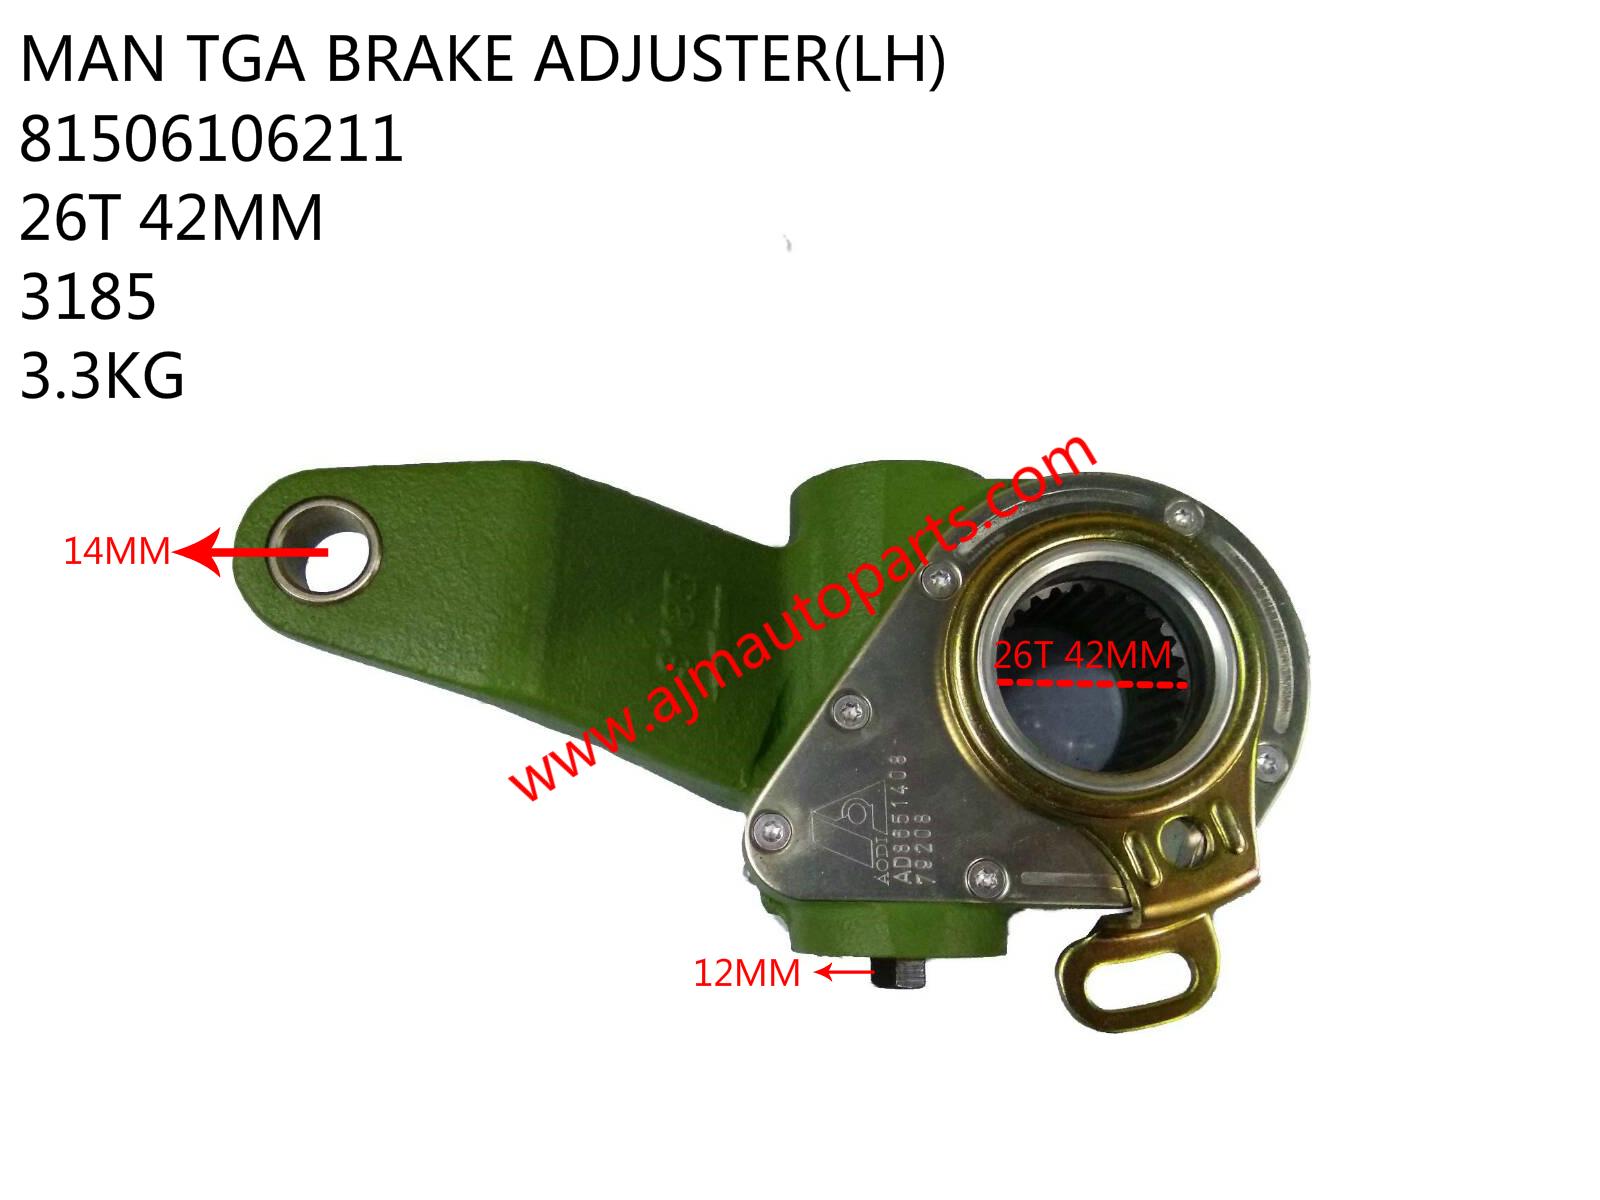 MAN TGA BRAKE ADJUSTER(LH)-81506106211-3185